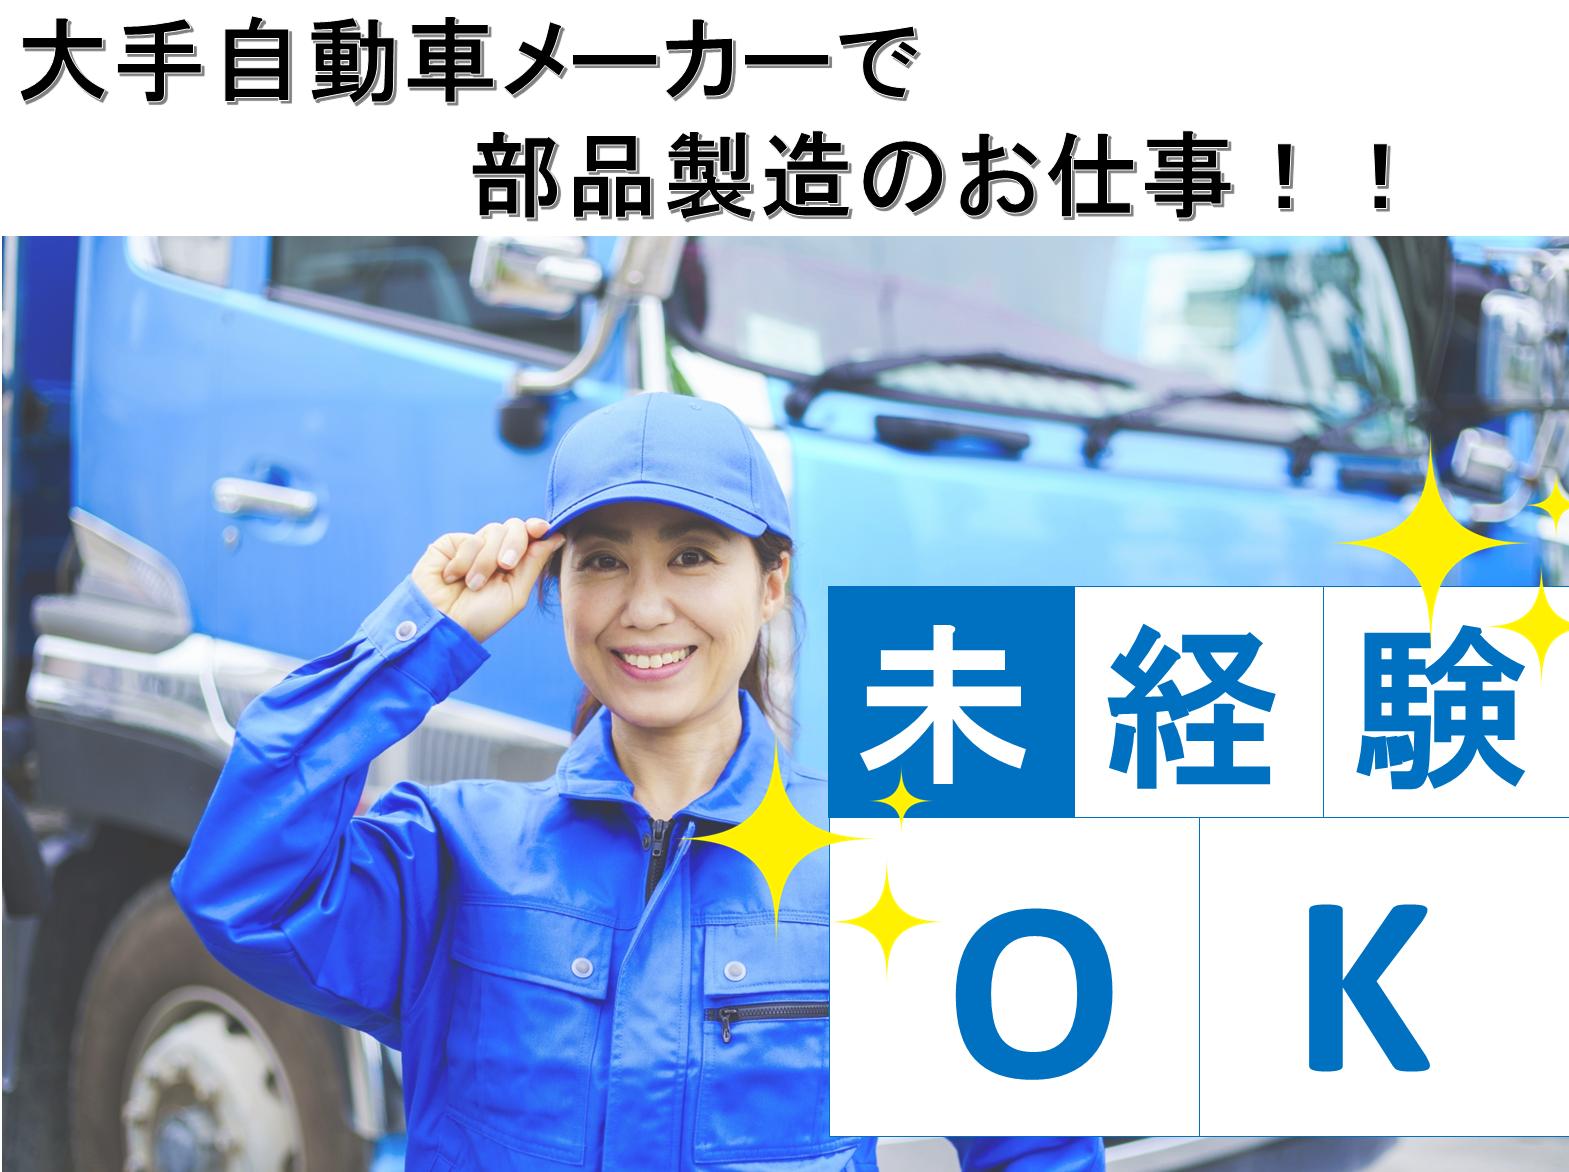 【未経験OK&ワンルーム寮完備!】トラックの組立、加工のお仕事【茨城県】 イメージ